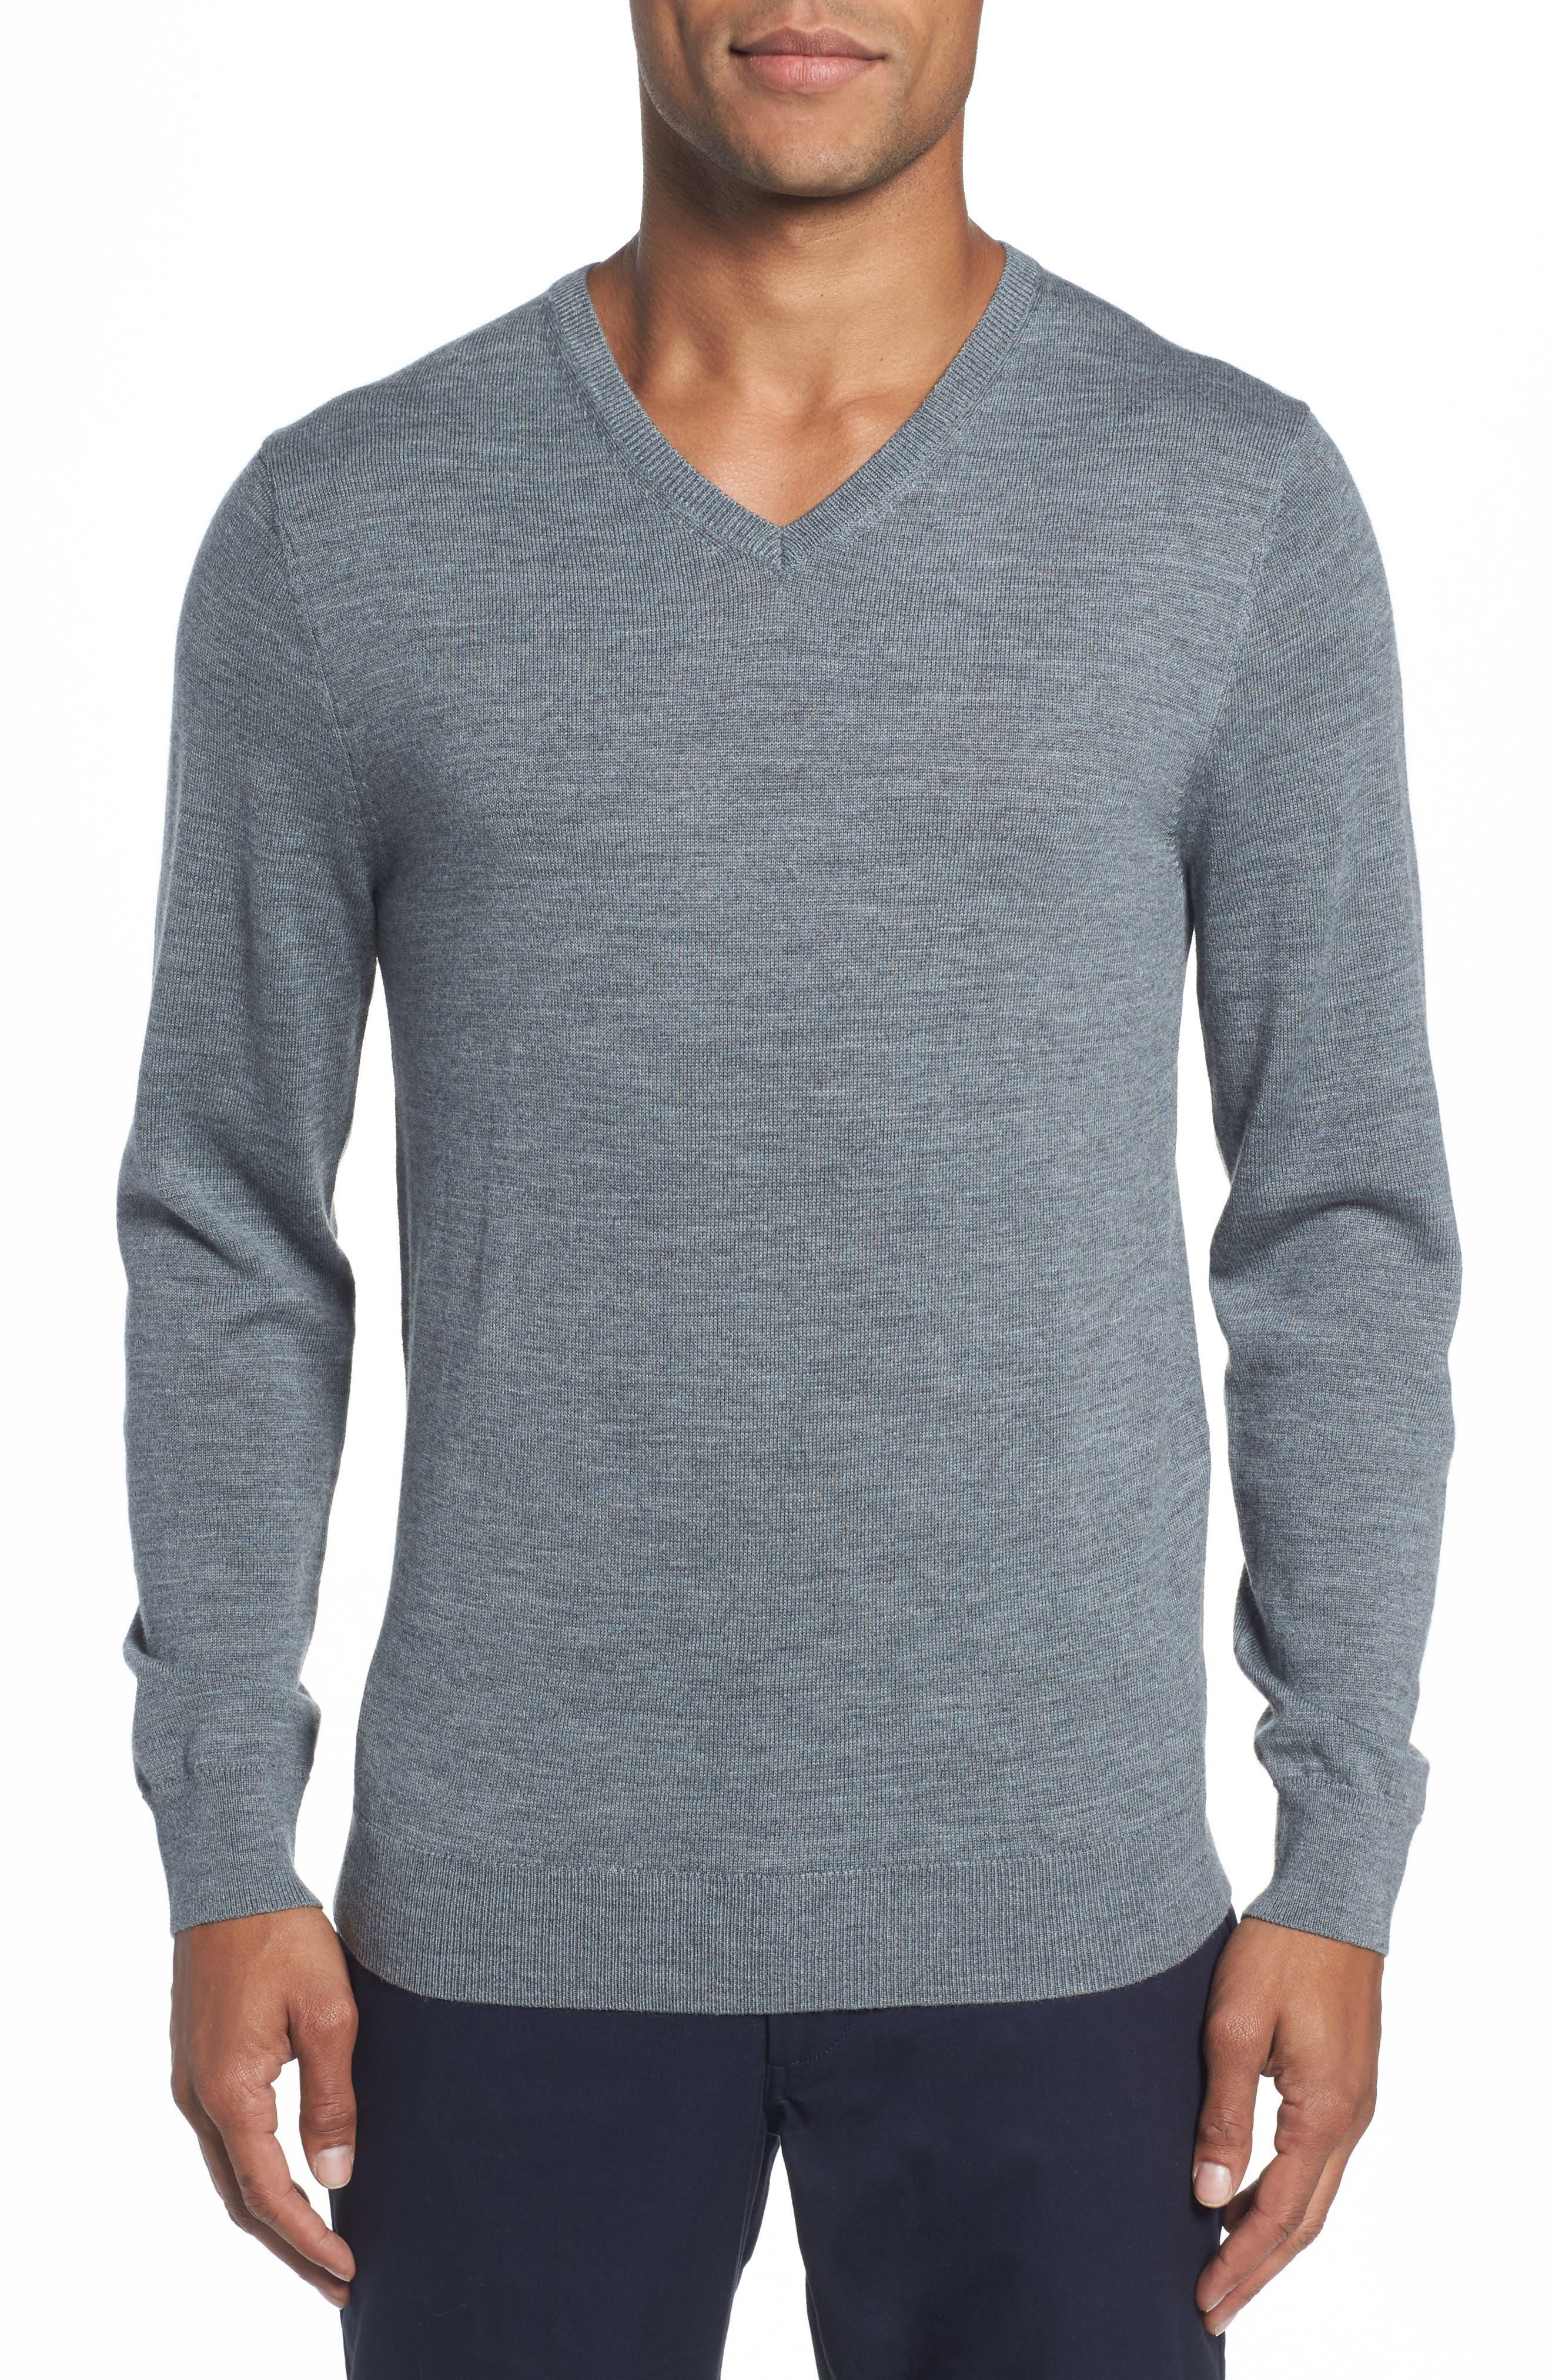 Merino V-Neck Sweater,                             Main thumbnail 1, color,                             Heather Grey